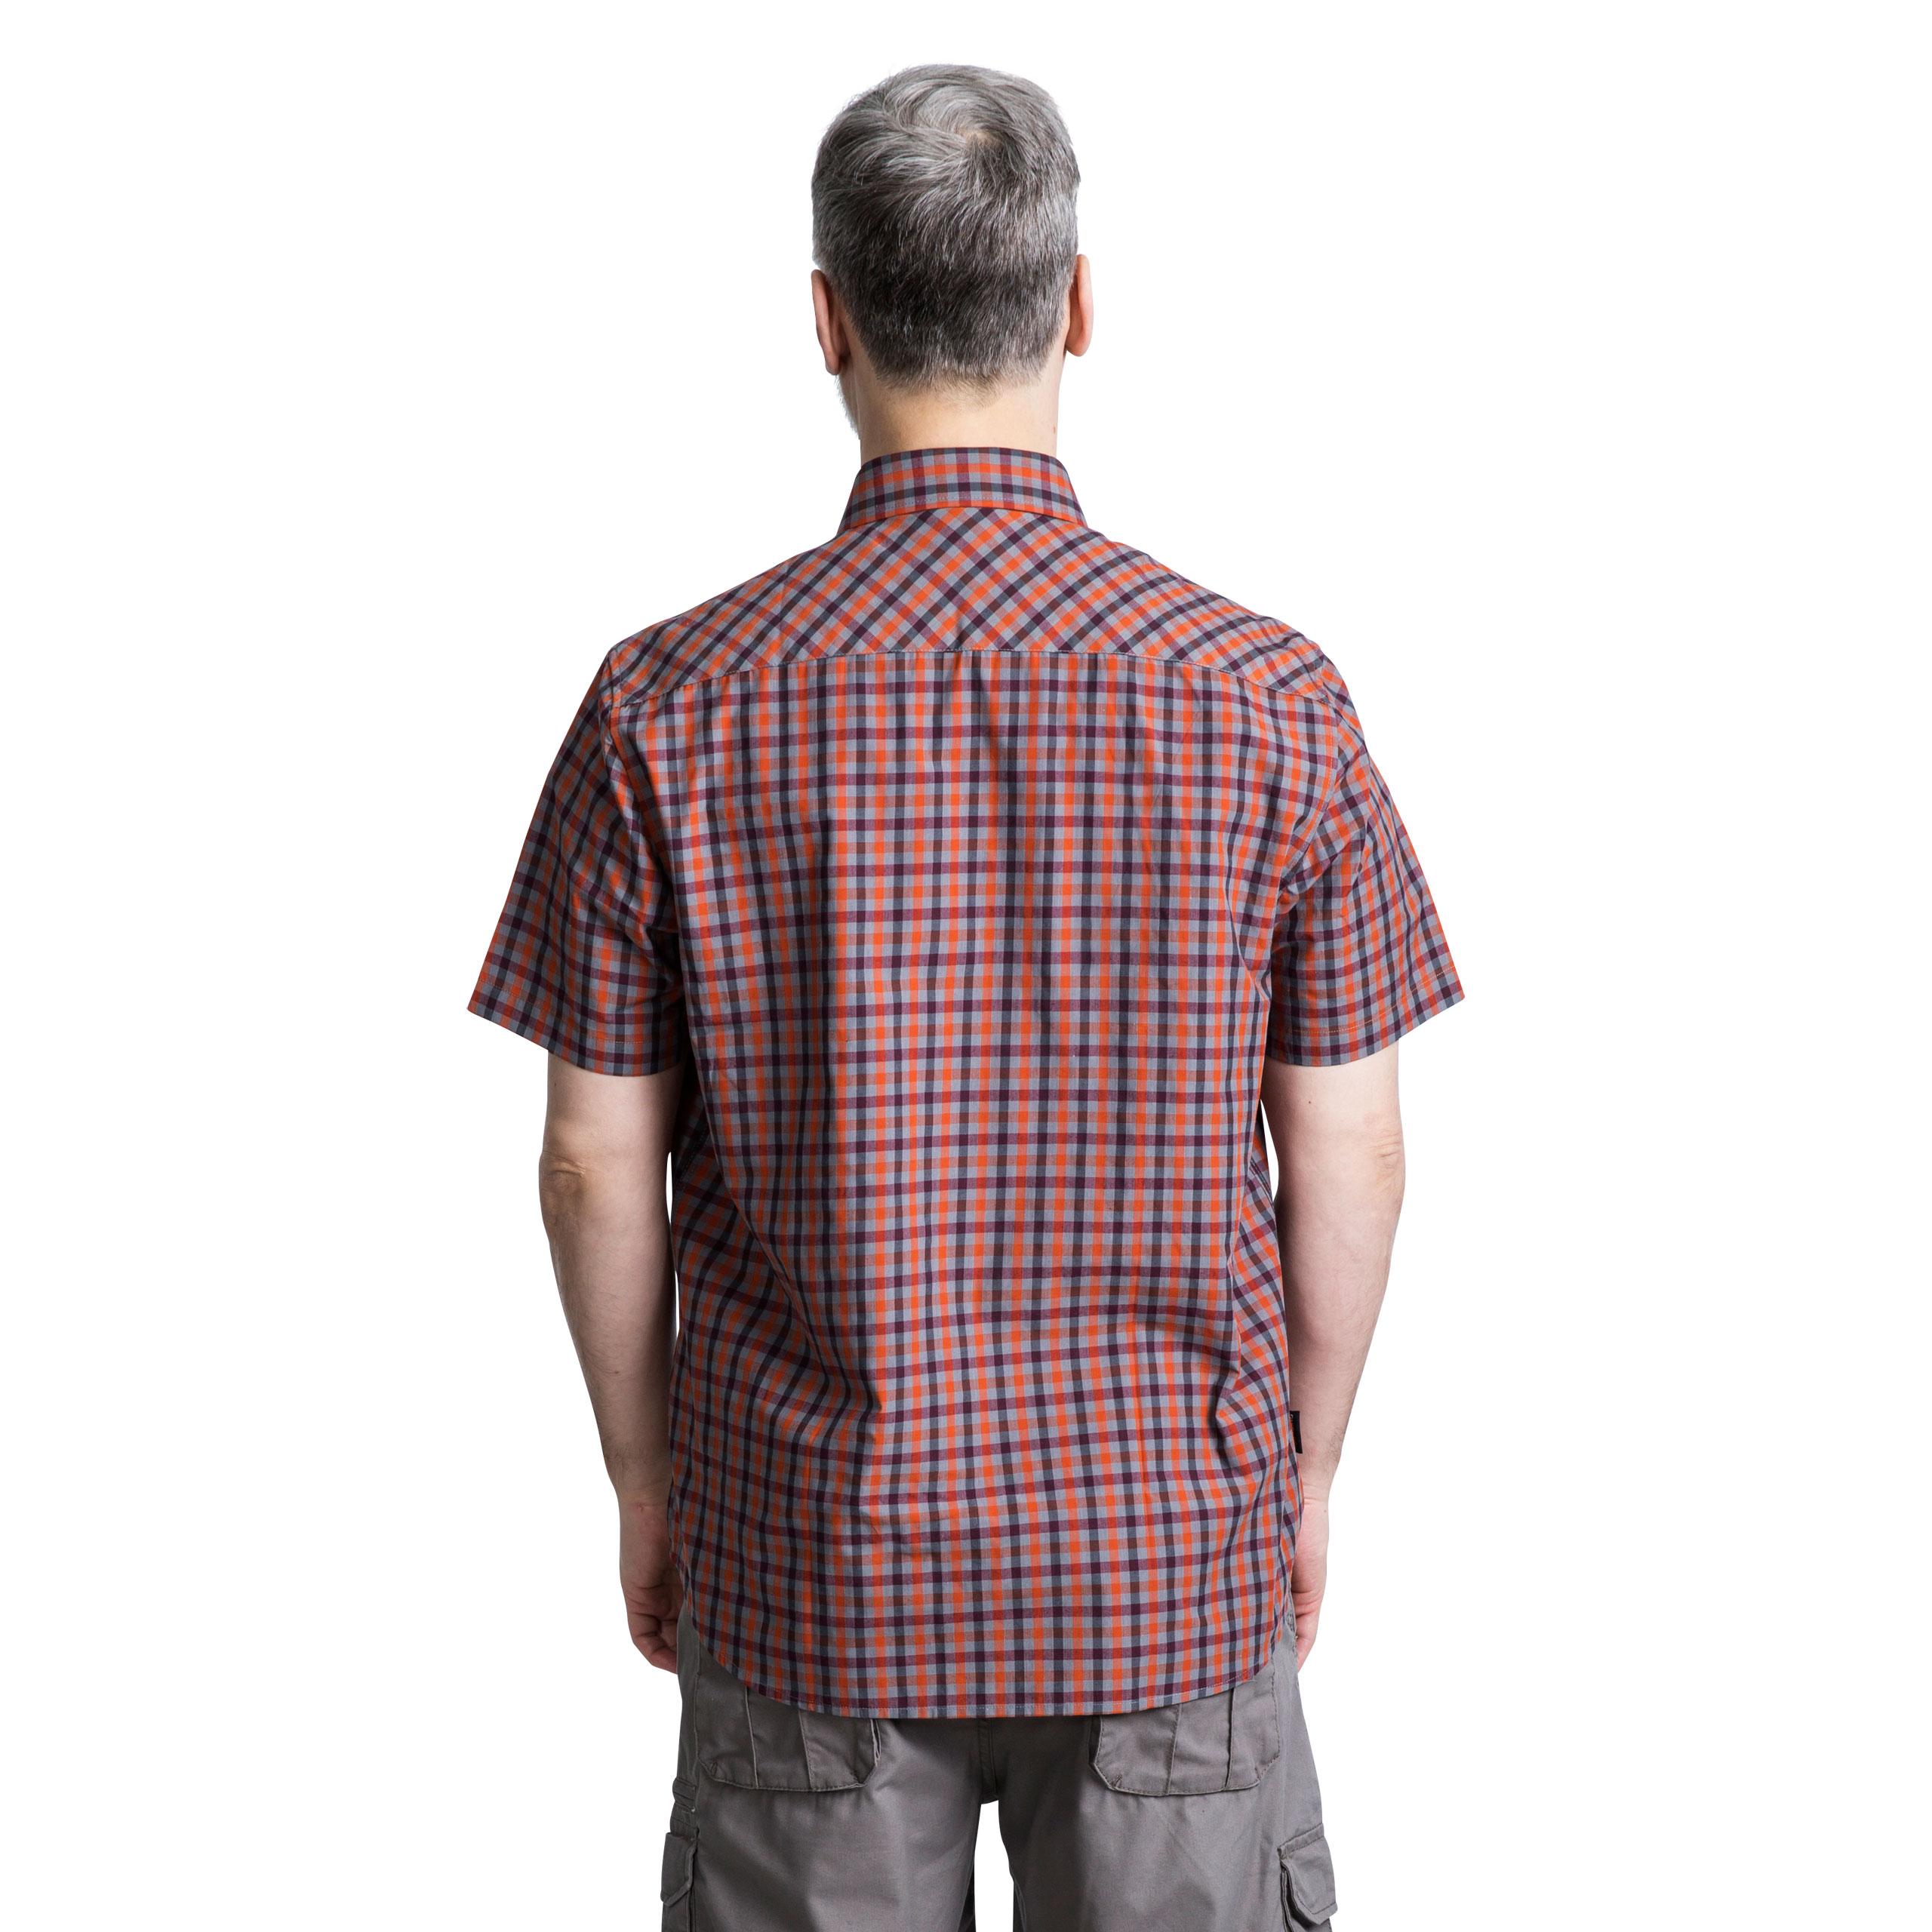 Trespass-Juba-Mens-Short-Sleeved-Checked-Shirt-Casual-Summer-Top thumbnail 16